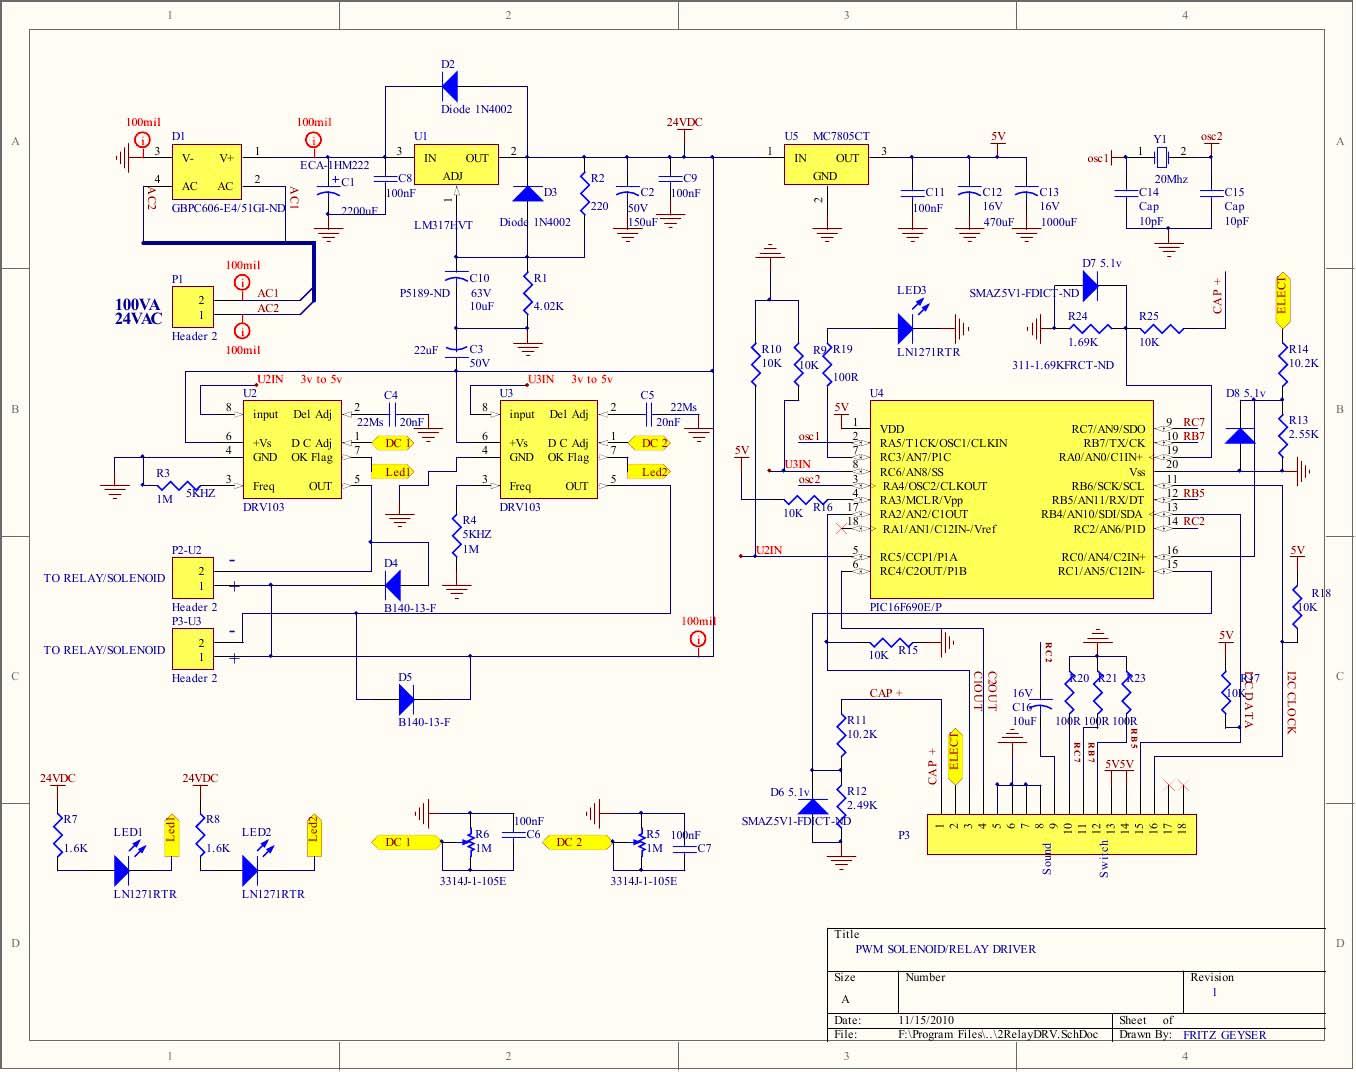 welding block diagram [ 1356 x 1072 Pixel ]